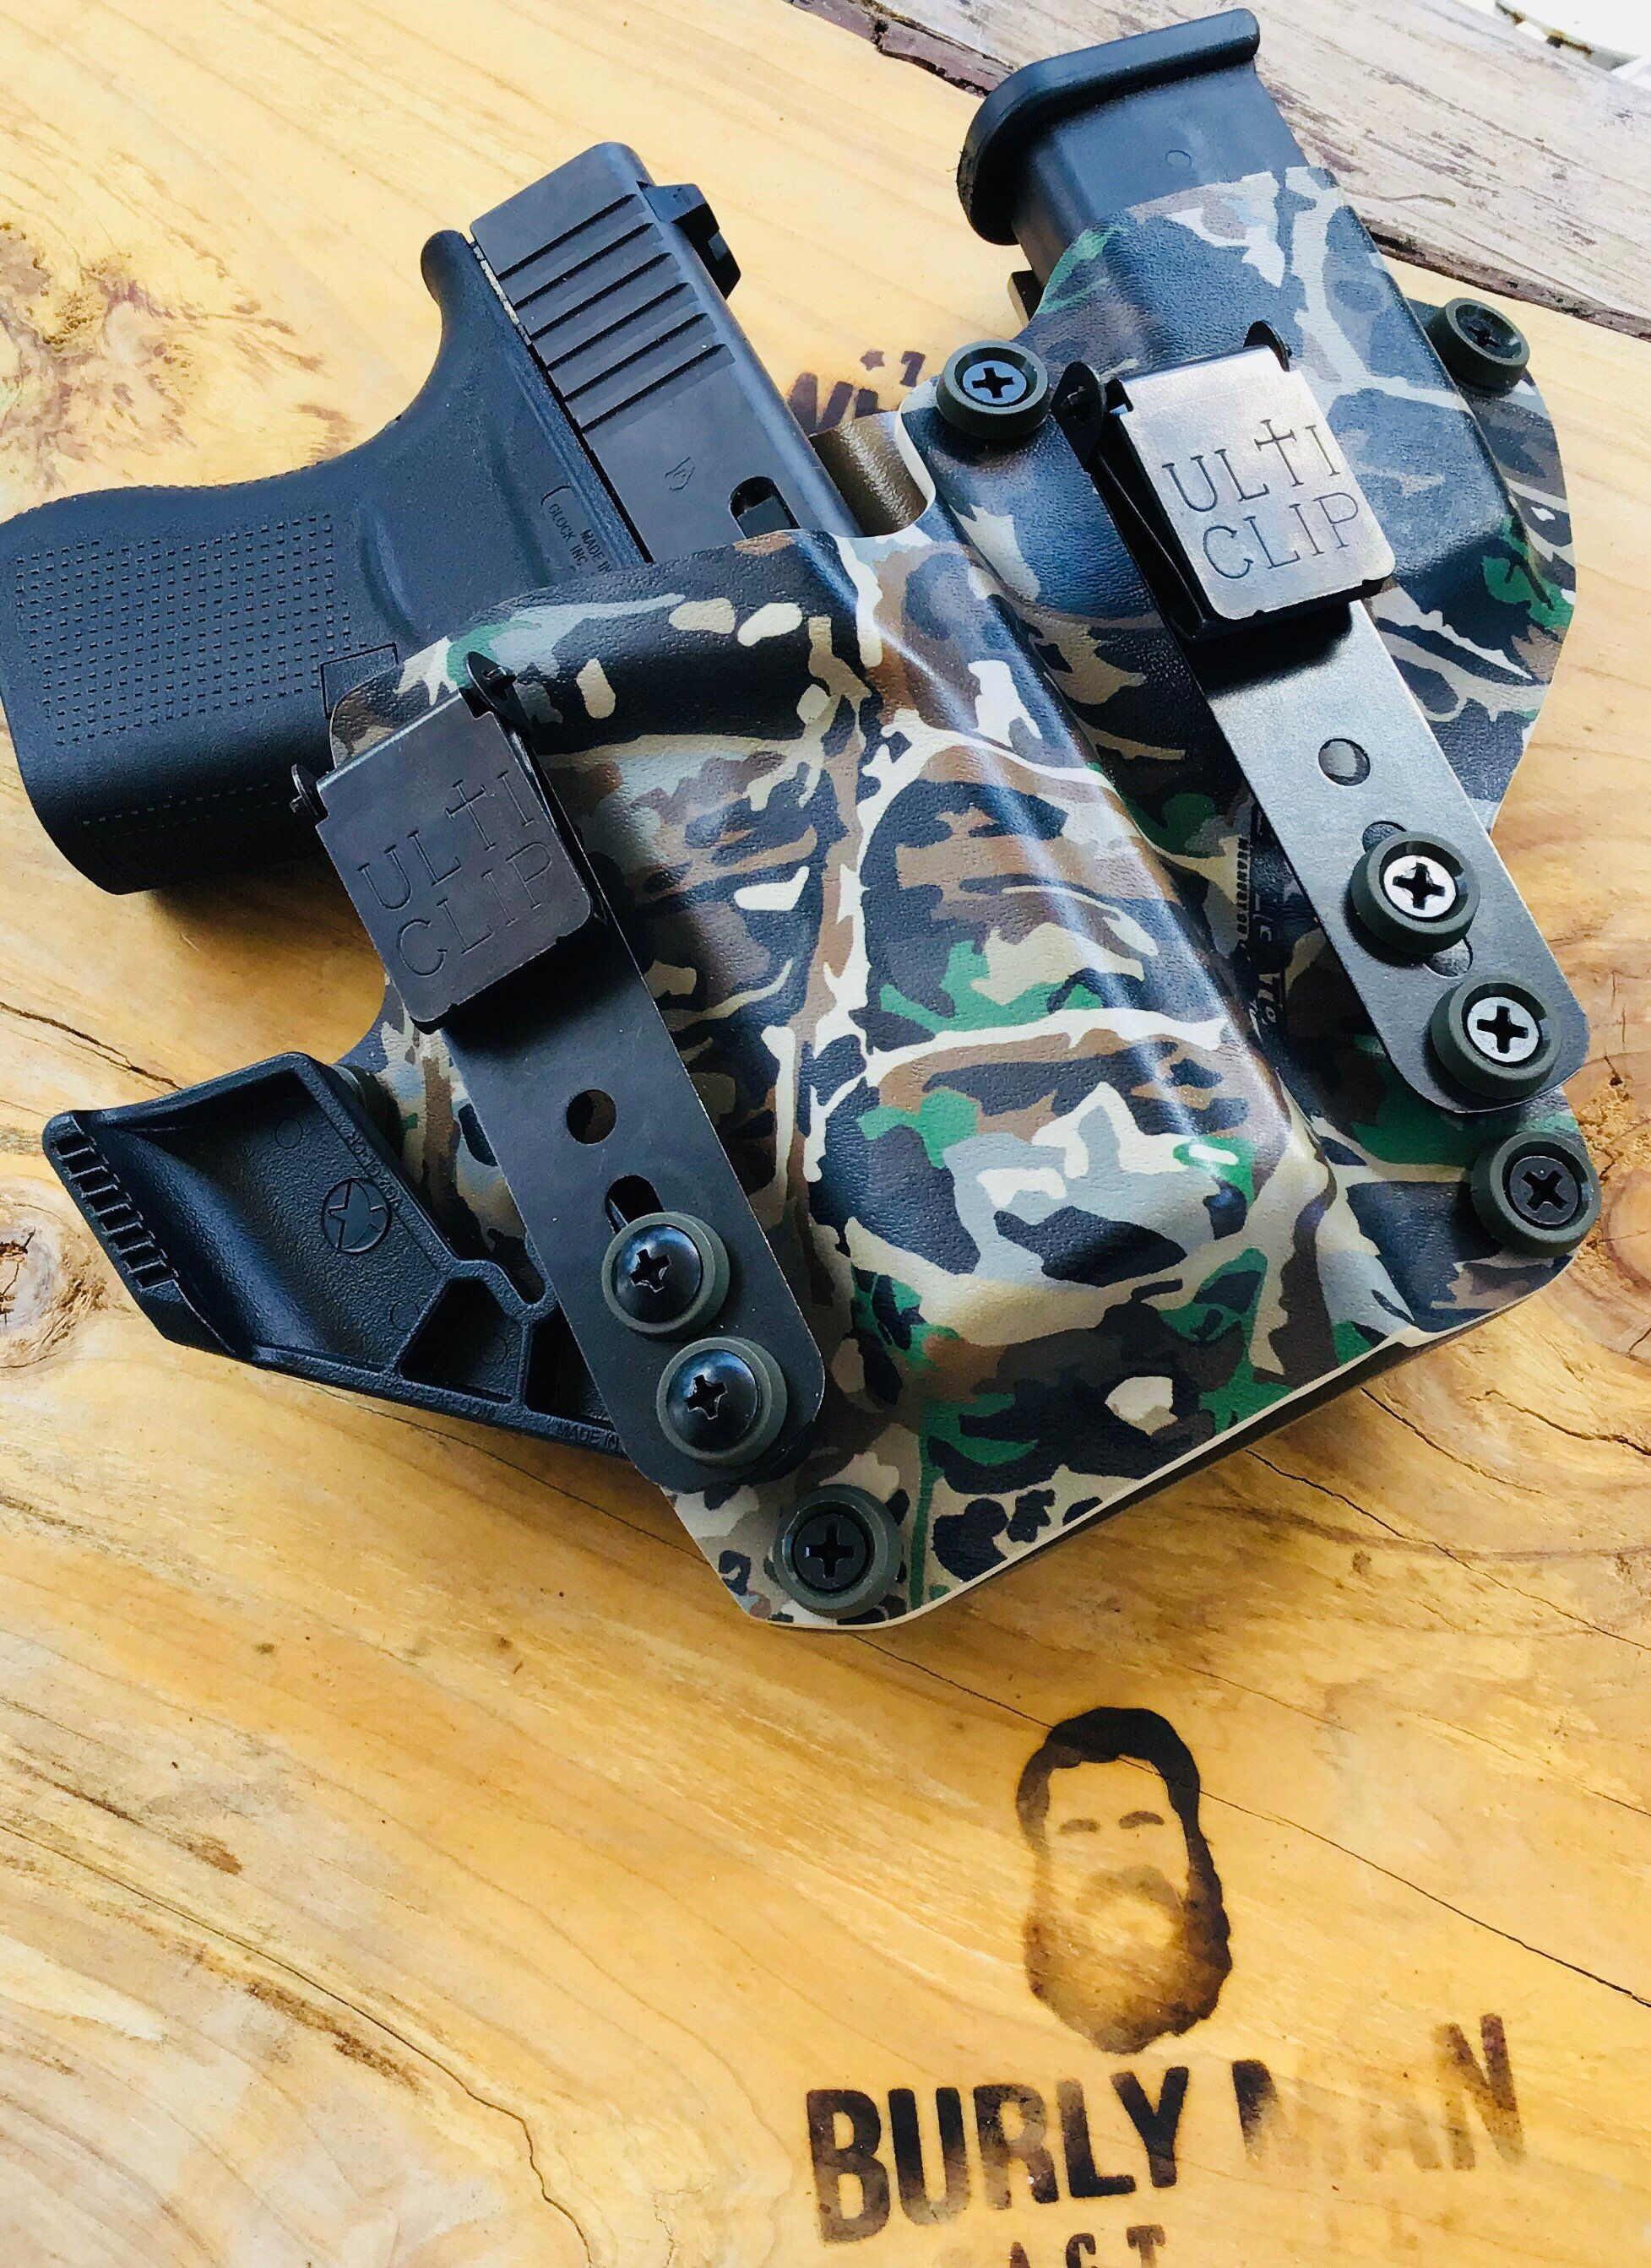 Glock 19 Gen 5 Ulticlip 3 Bull Gator Camo 9mm Kydex Holster